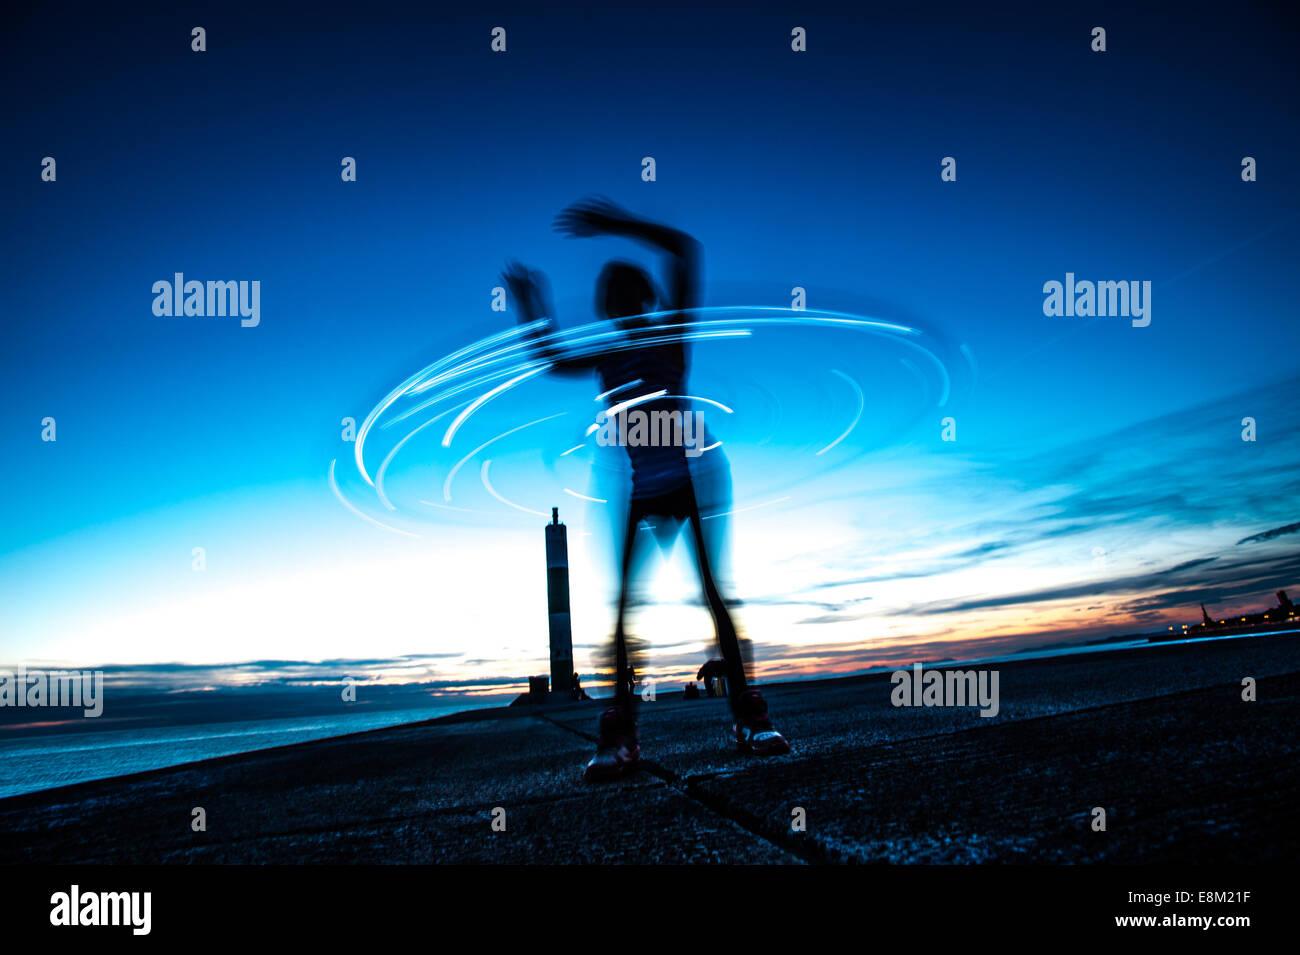 Una mujer en silueta hula hooping con un hula hoop iluminada al atardecer crepúsculo - larga exposición estelas Foto de stock